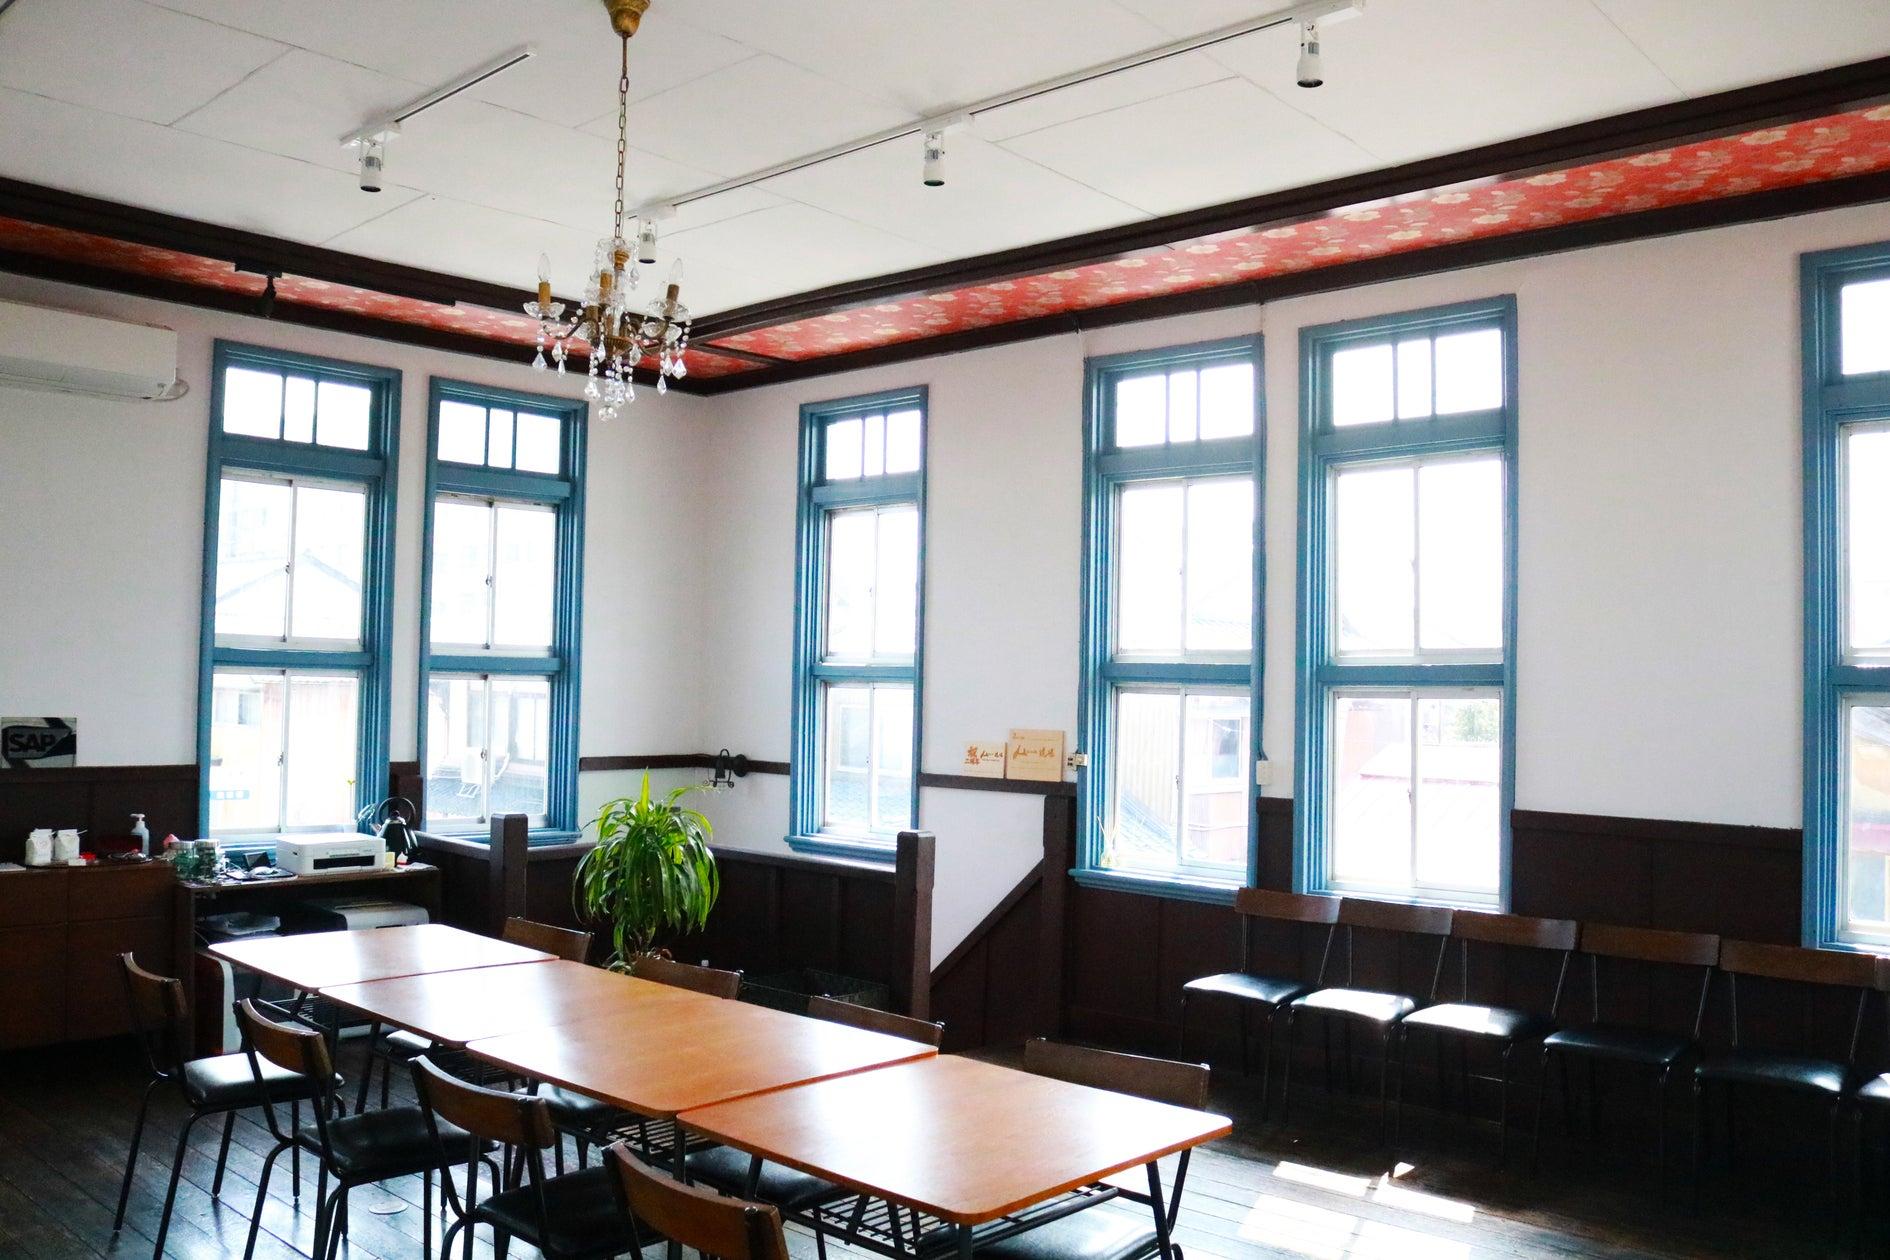 築80年の登録有形文化財に登録されている洋風建築です。 の写真